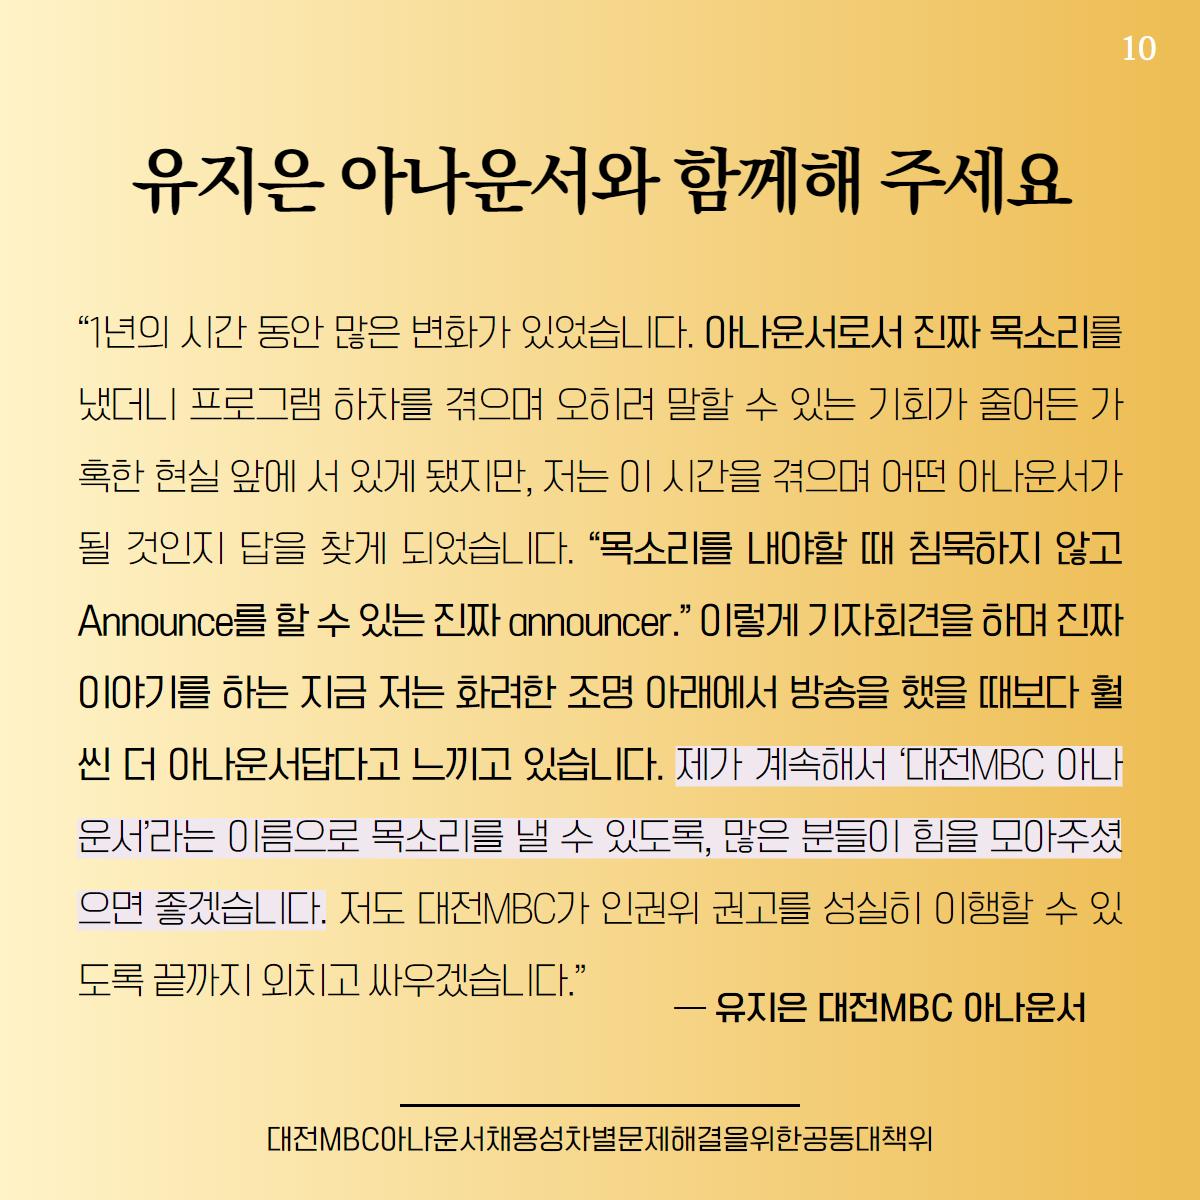 대전MBC_인권위결정2-10.png